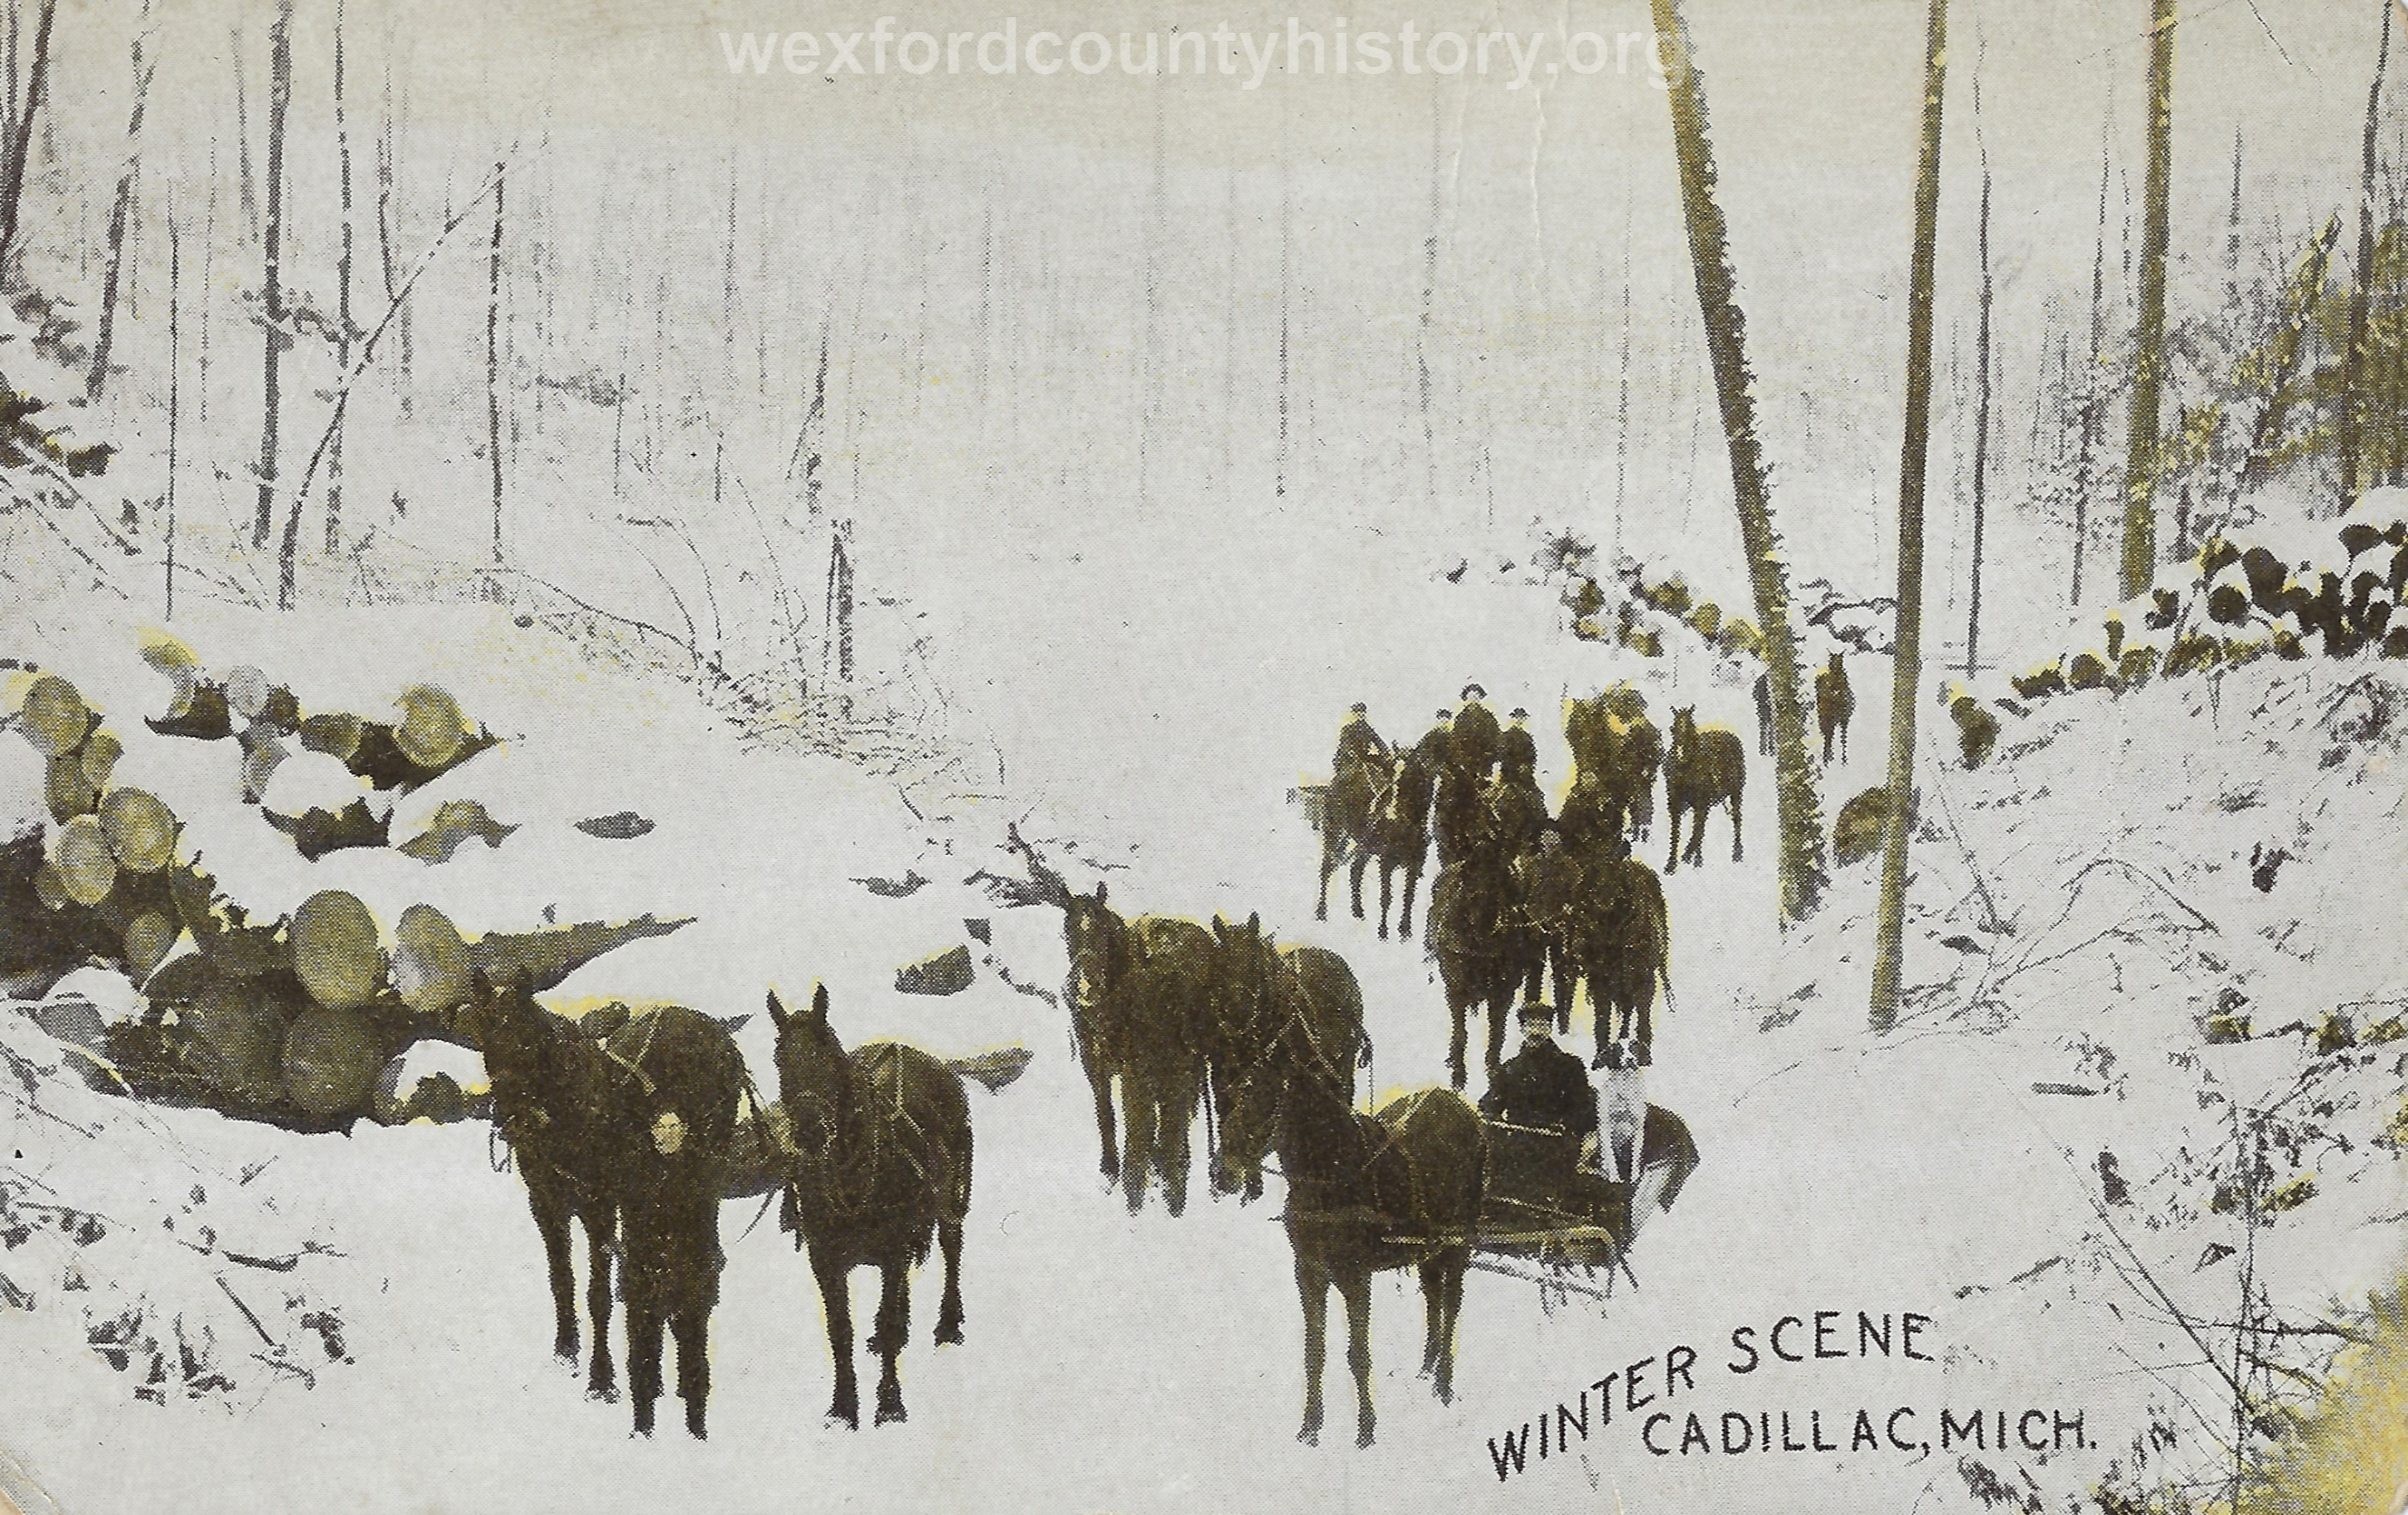 Cadillac-Lumber-Winter-Scene-At-Cadillac